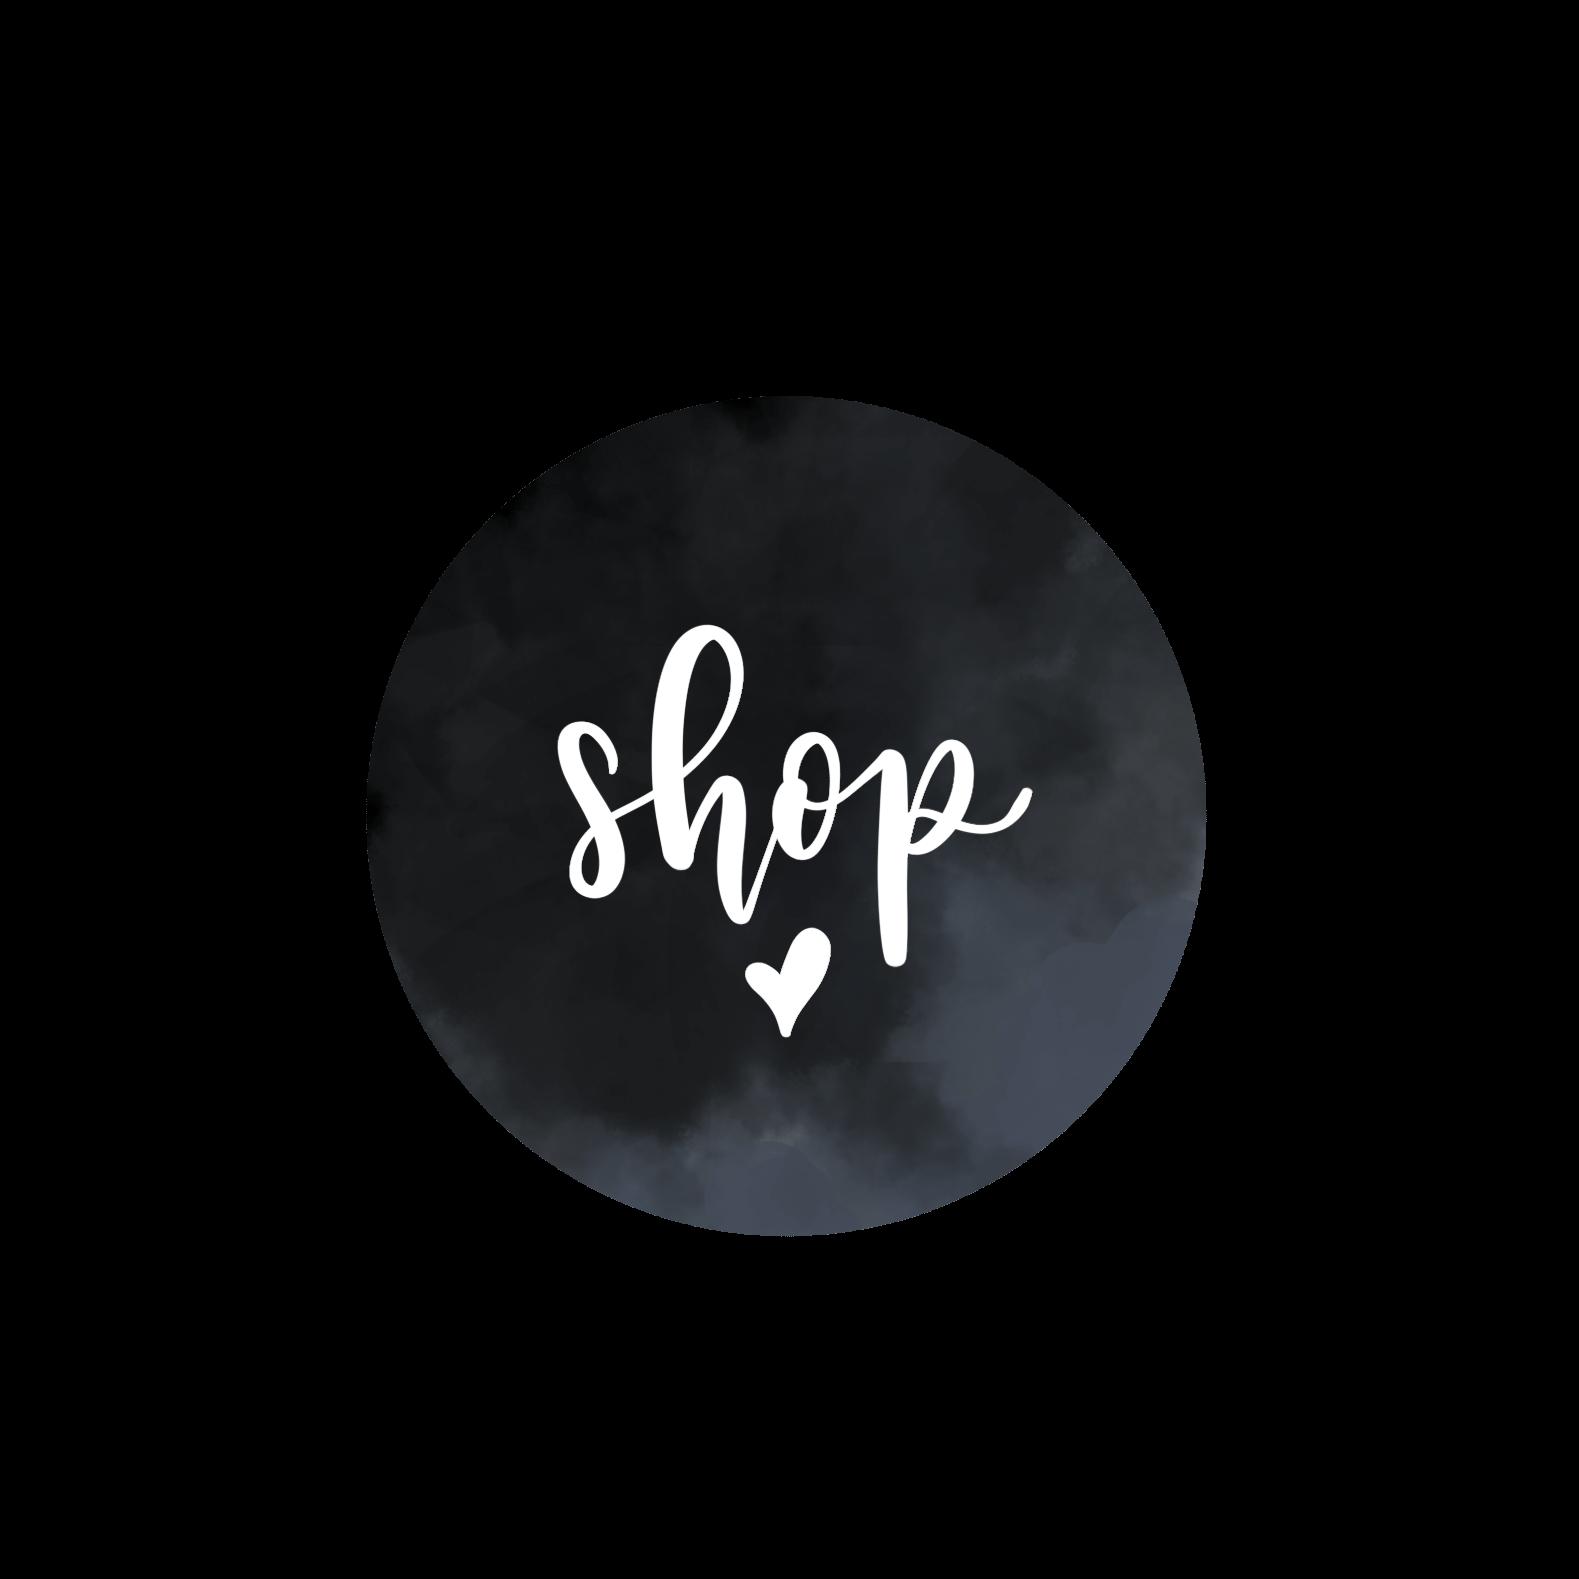 shop_one kind letterer